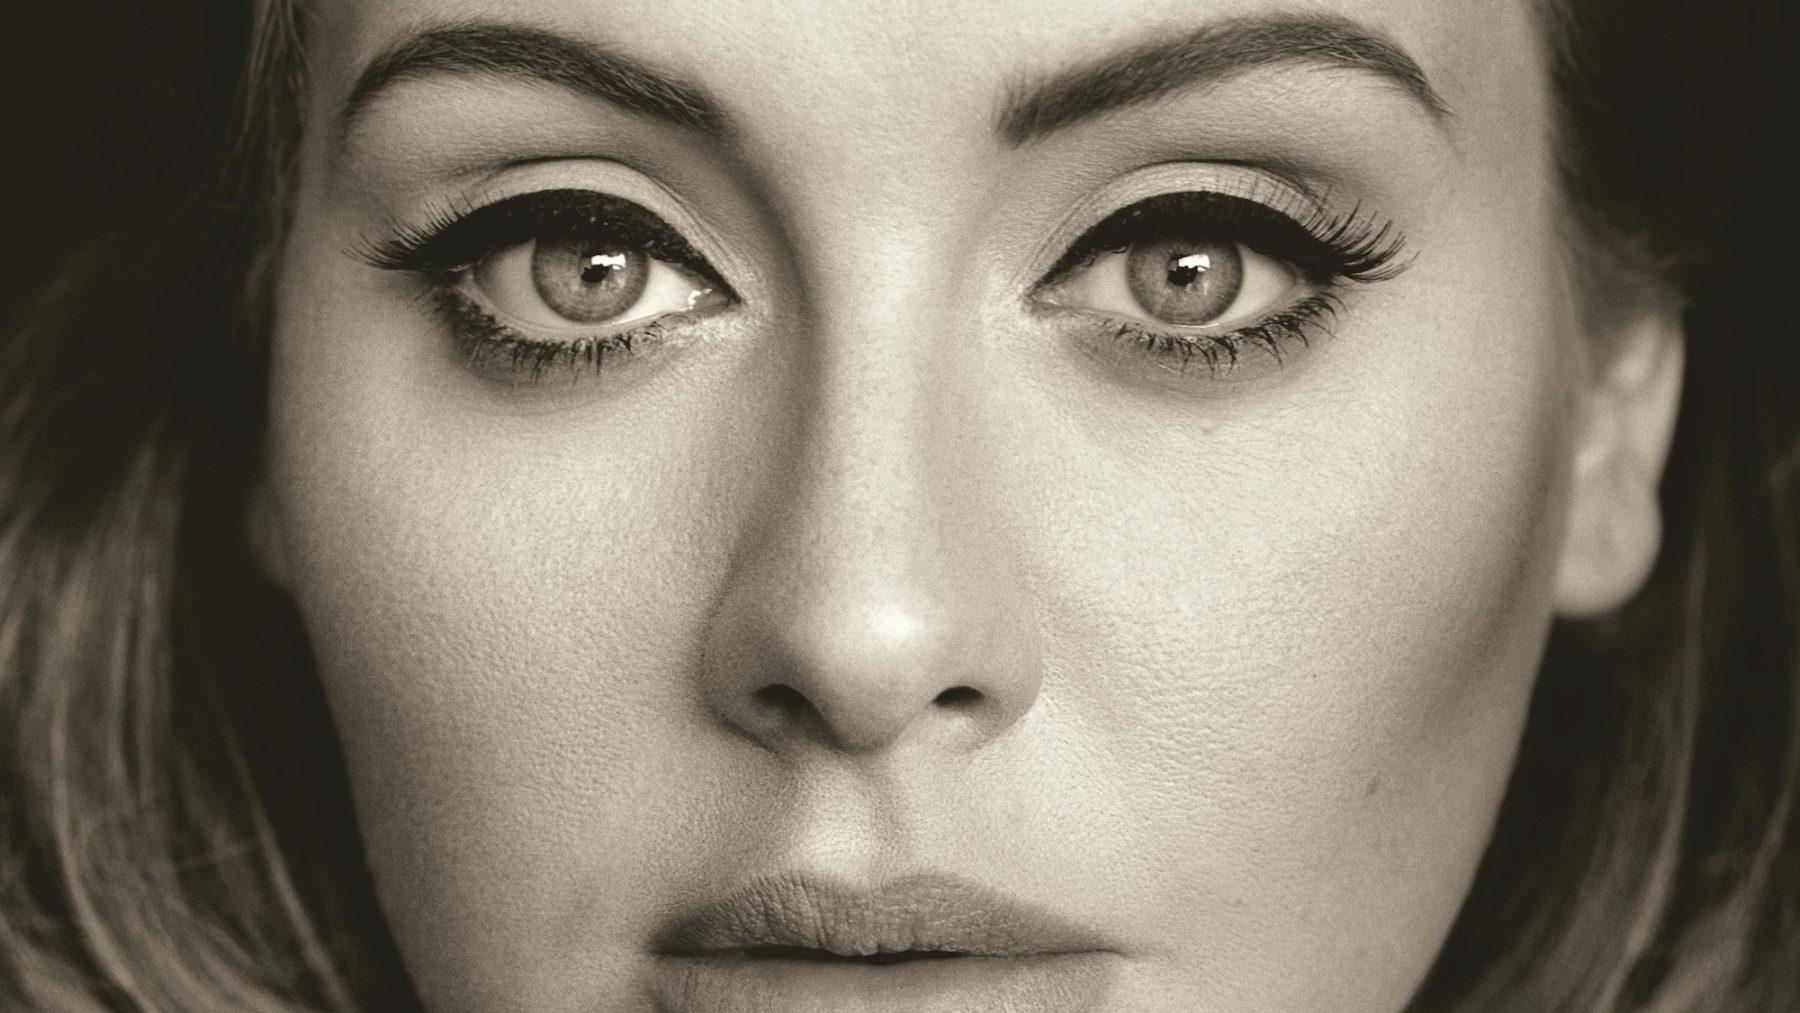 Creëer de perfecte winged eyeliner: Adele verklapt welke zij altijd gebruikt